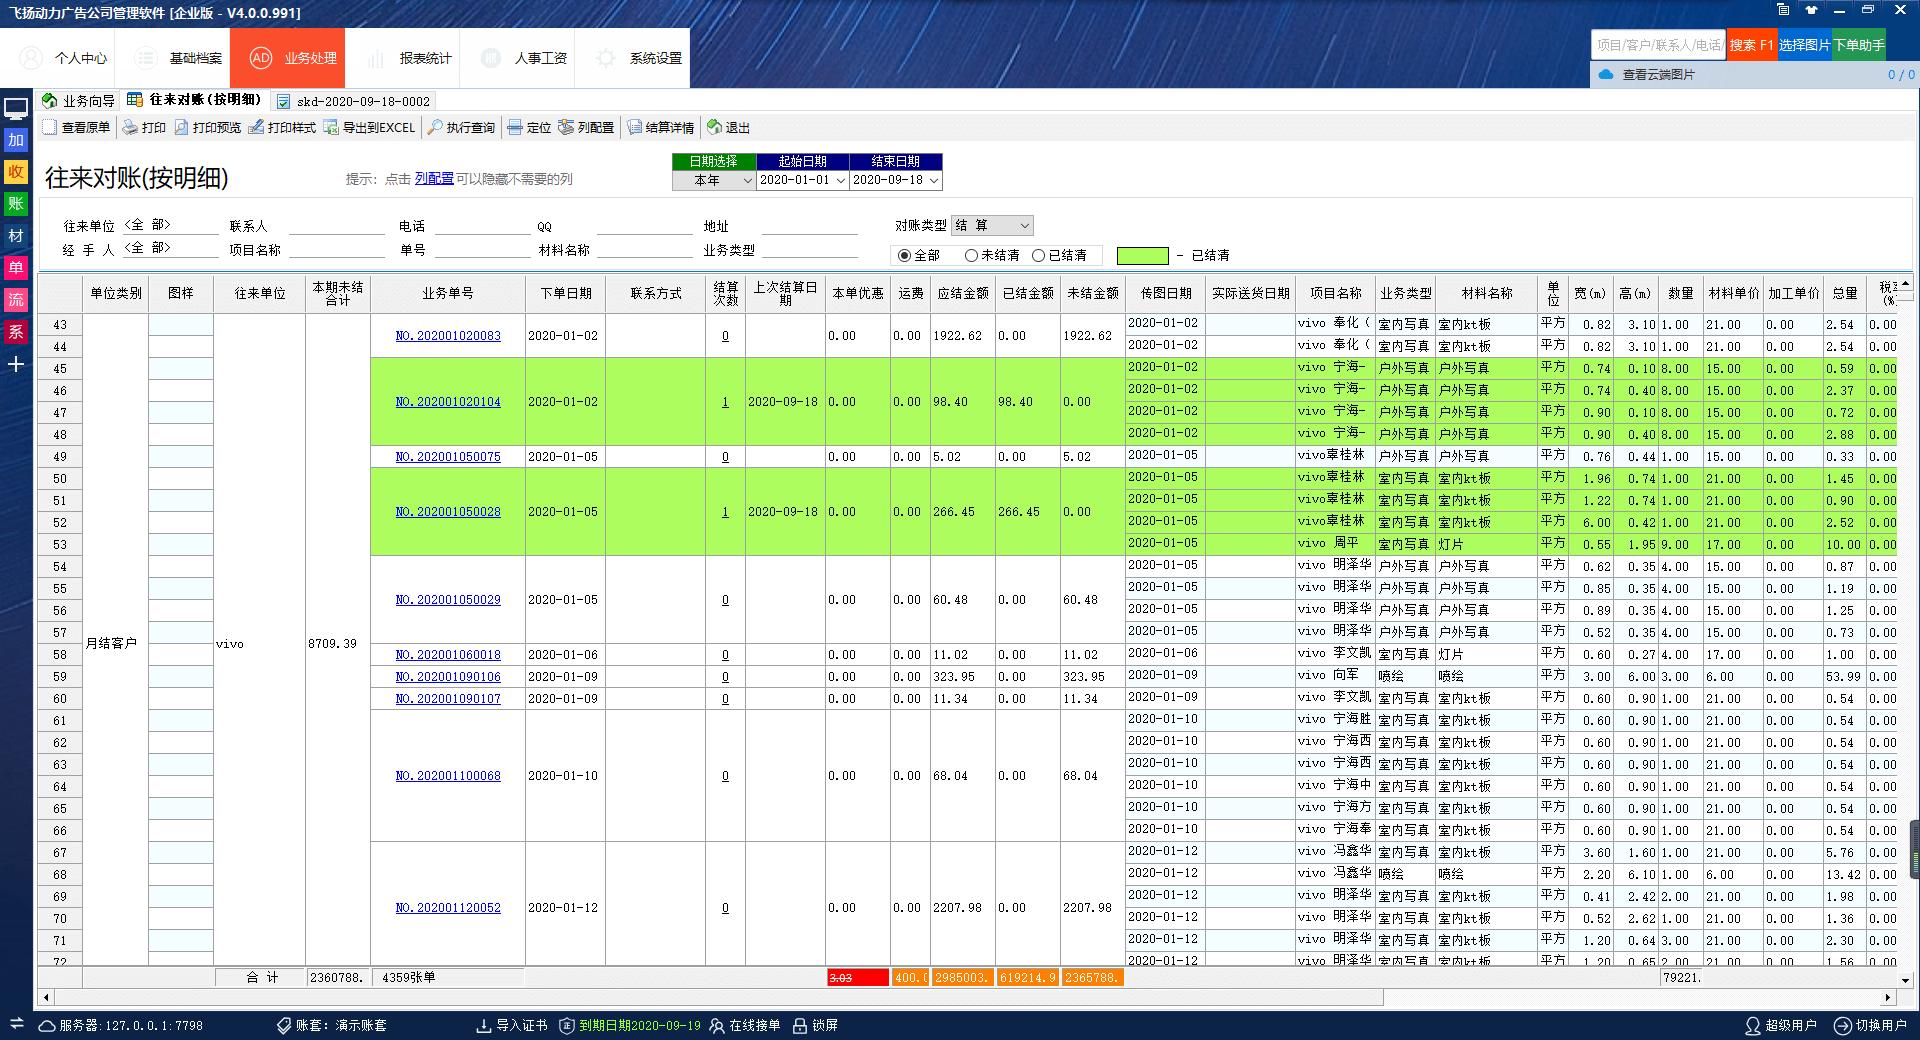 am8亚美官网注册动力往来对账单